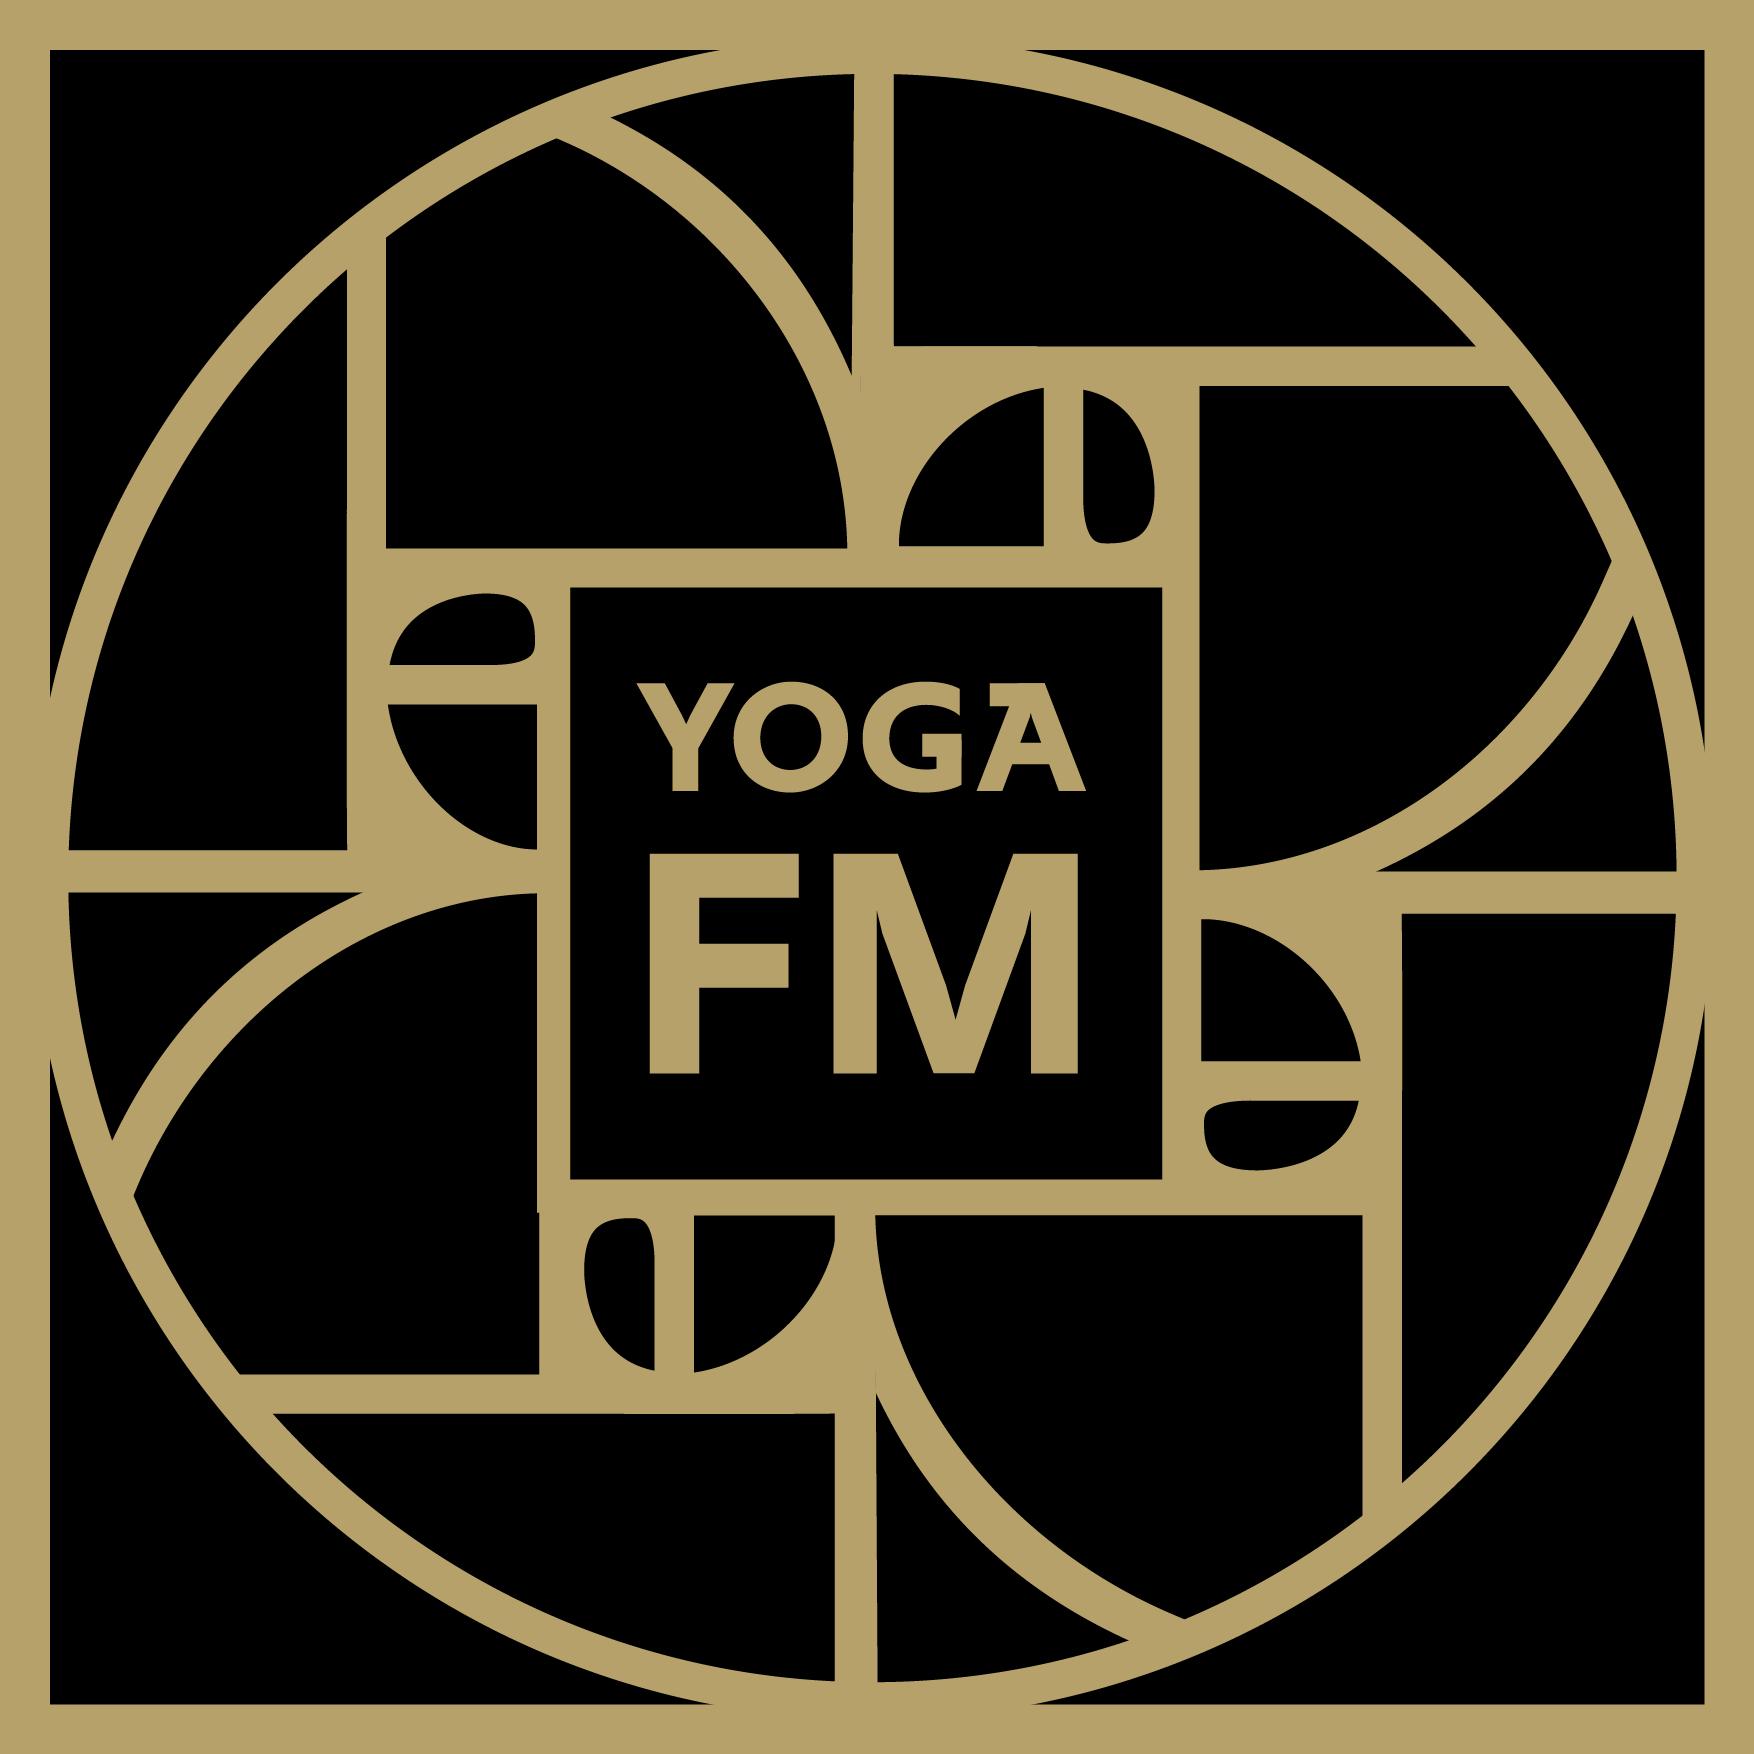 YogaFM